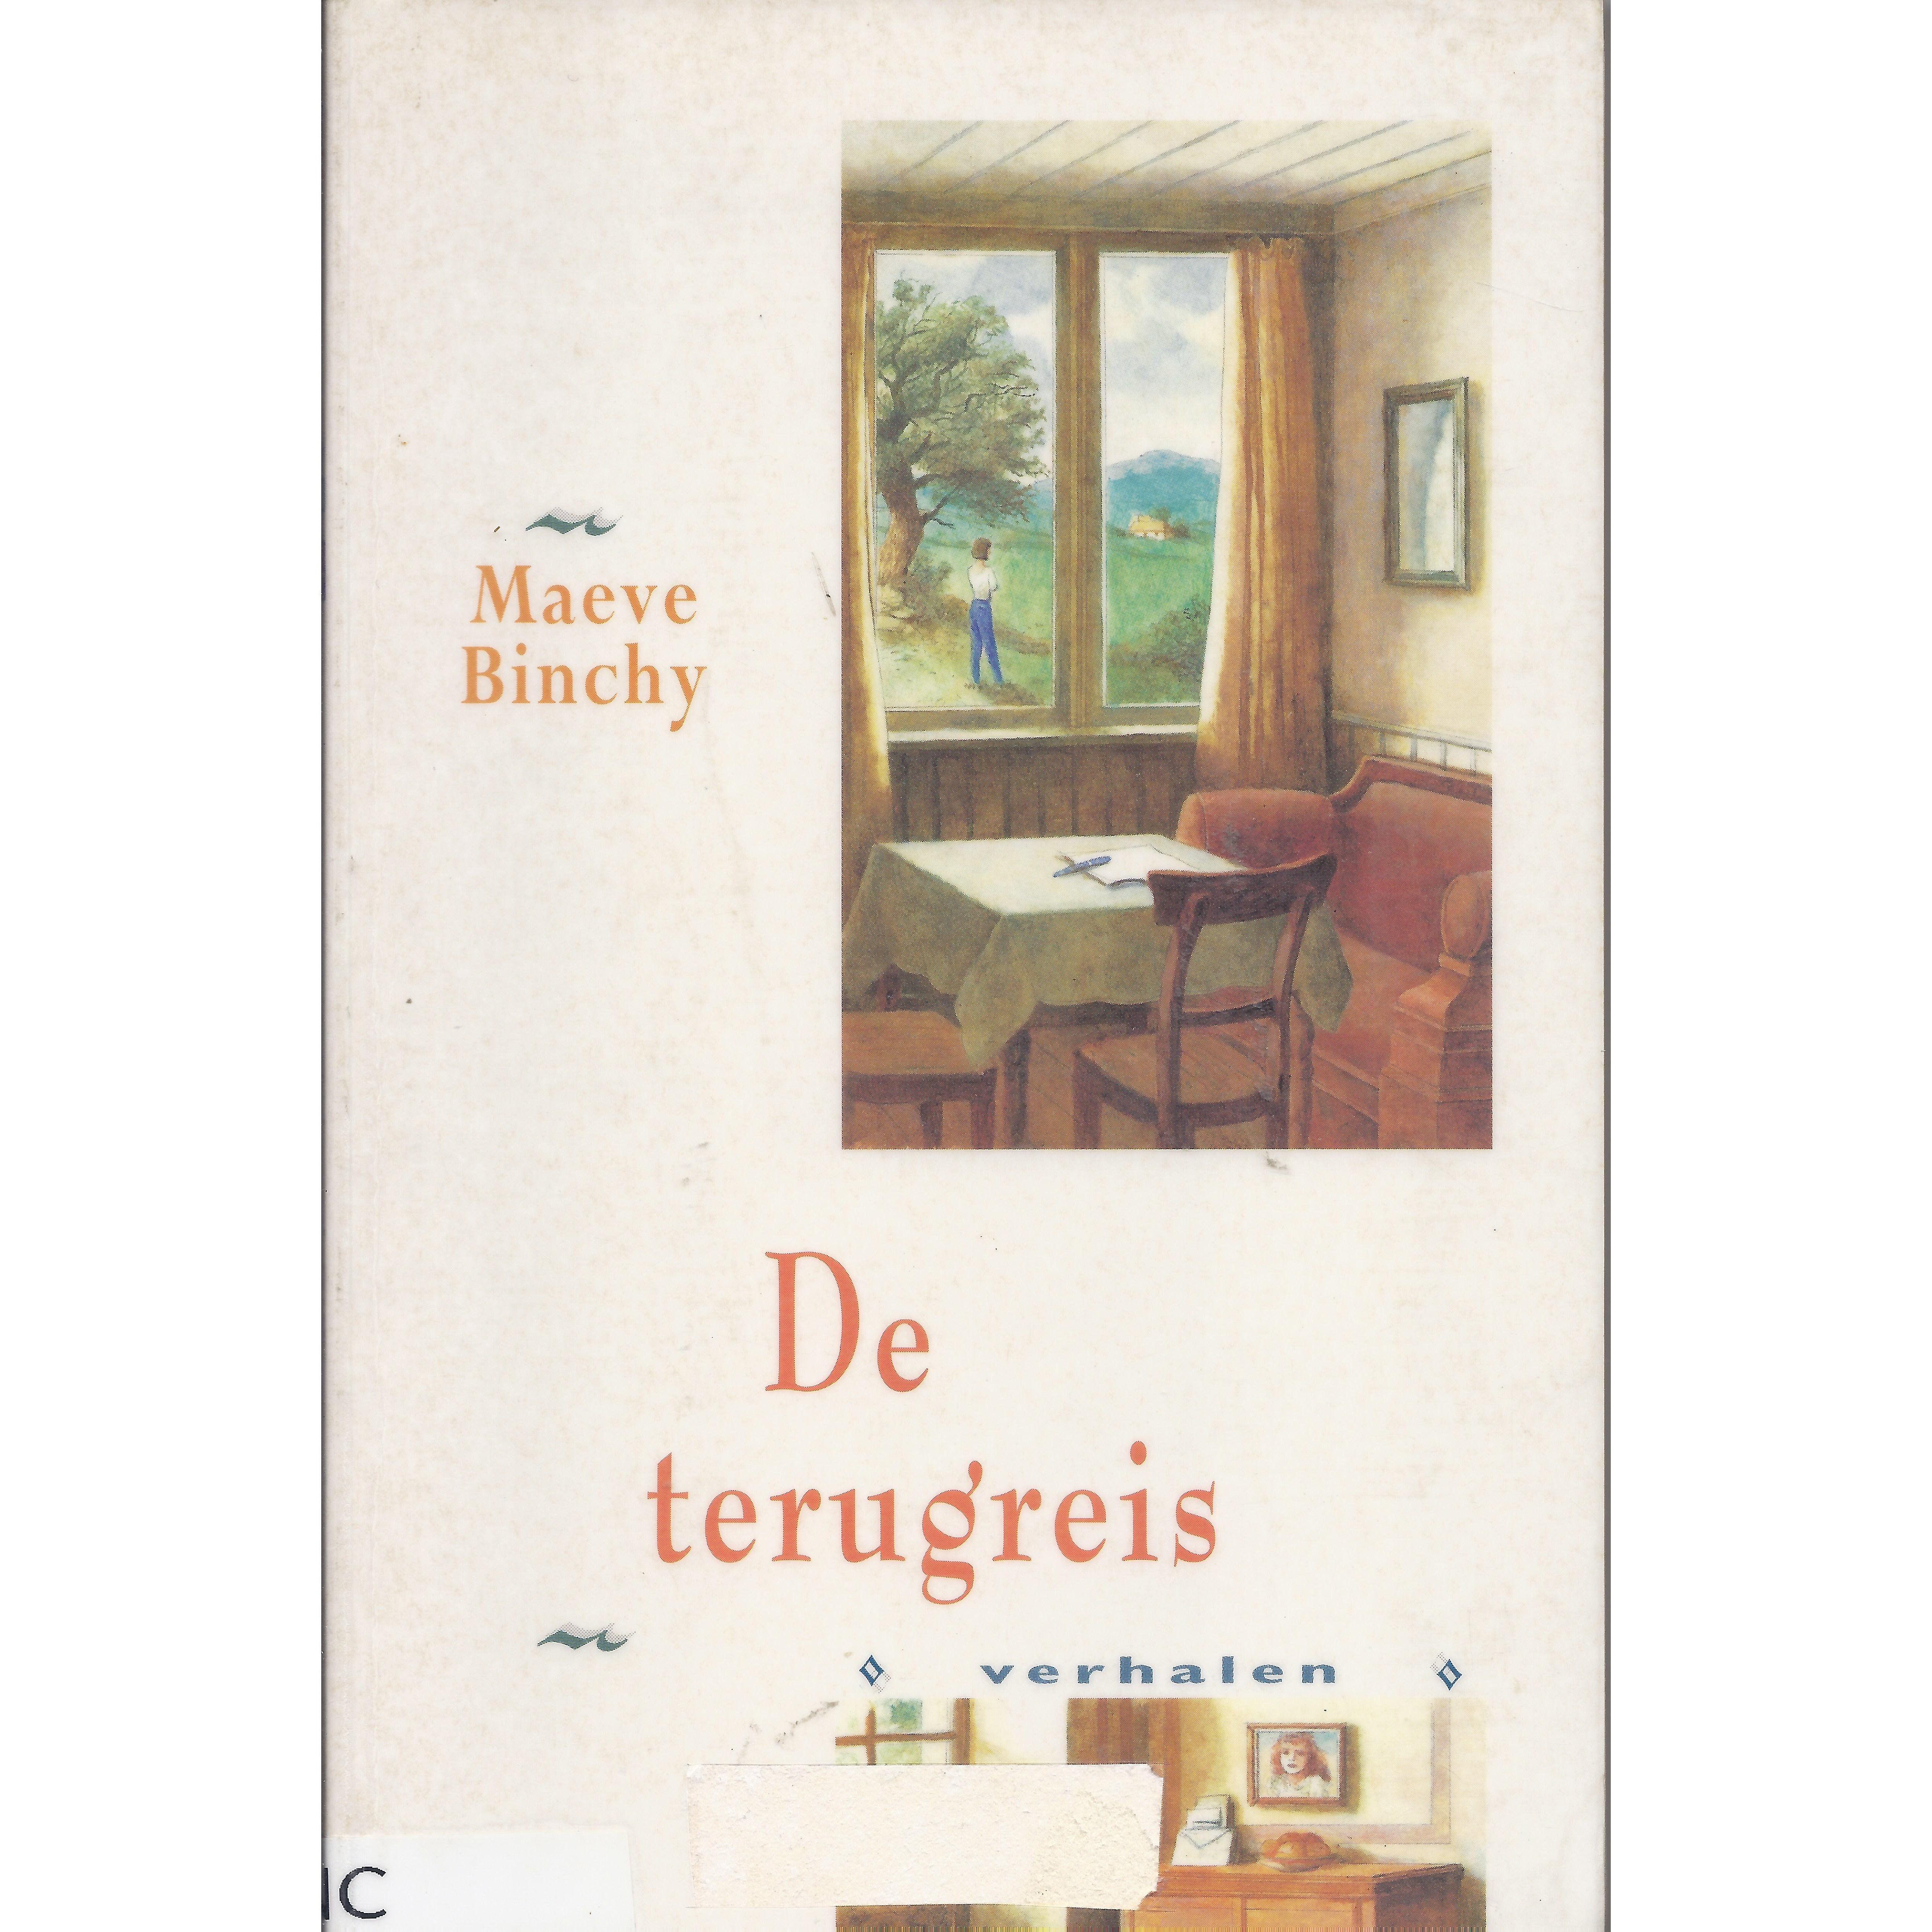 Maeve binchy de terugreis boeken lezen verhalen